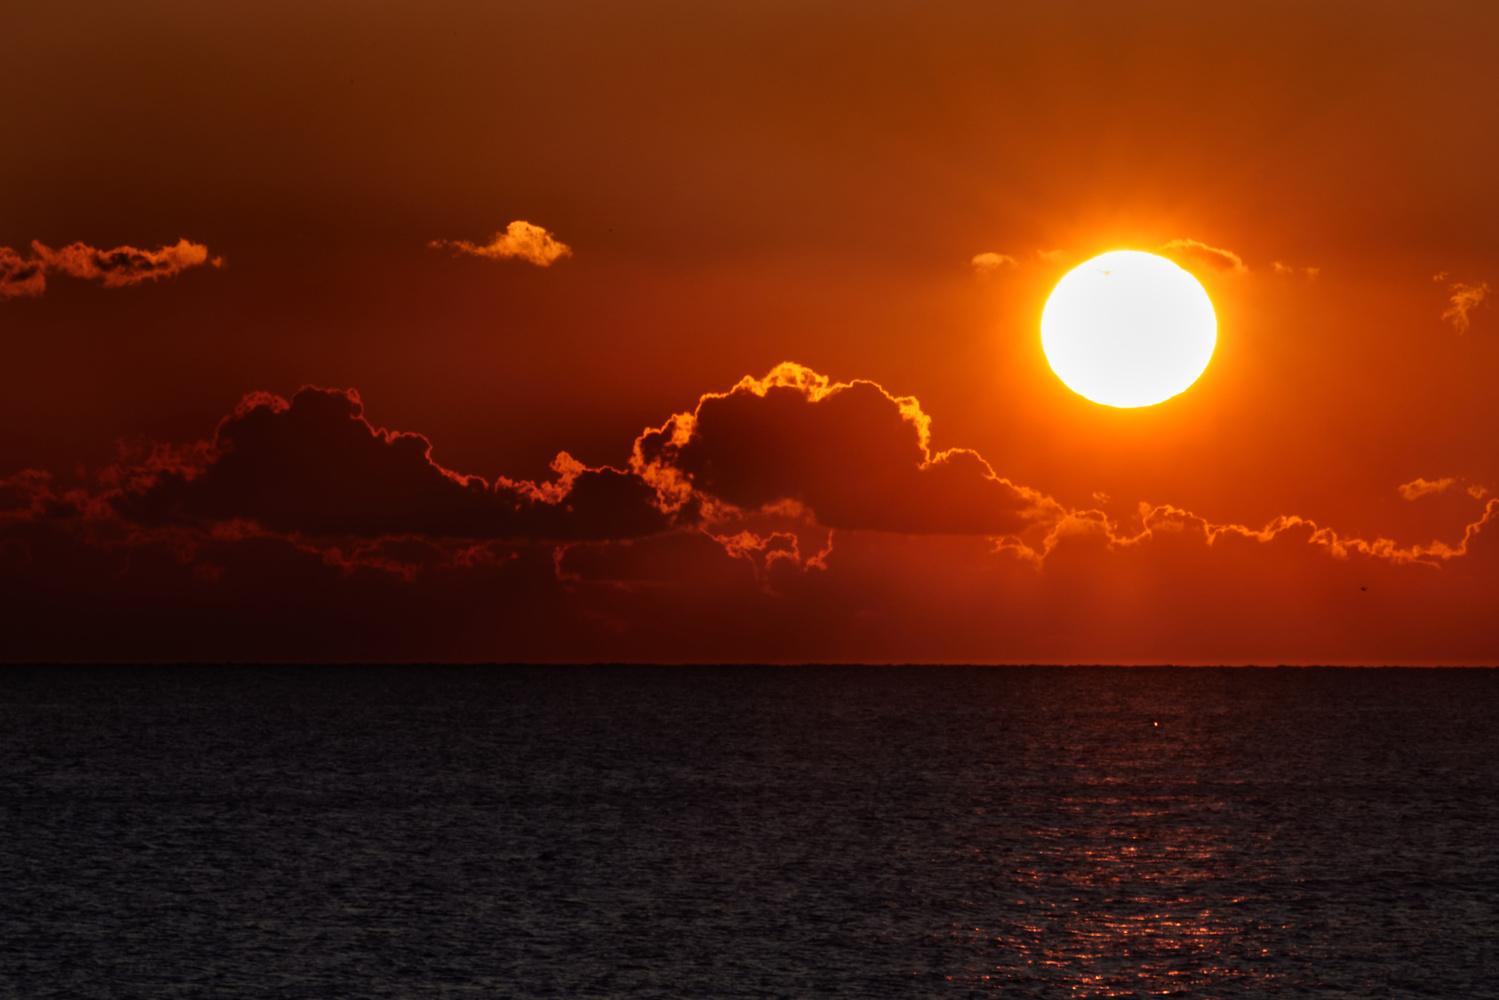 Red Dawn by Bill Schreiner